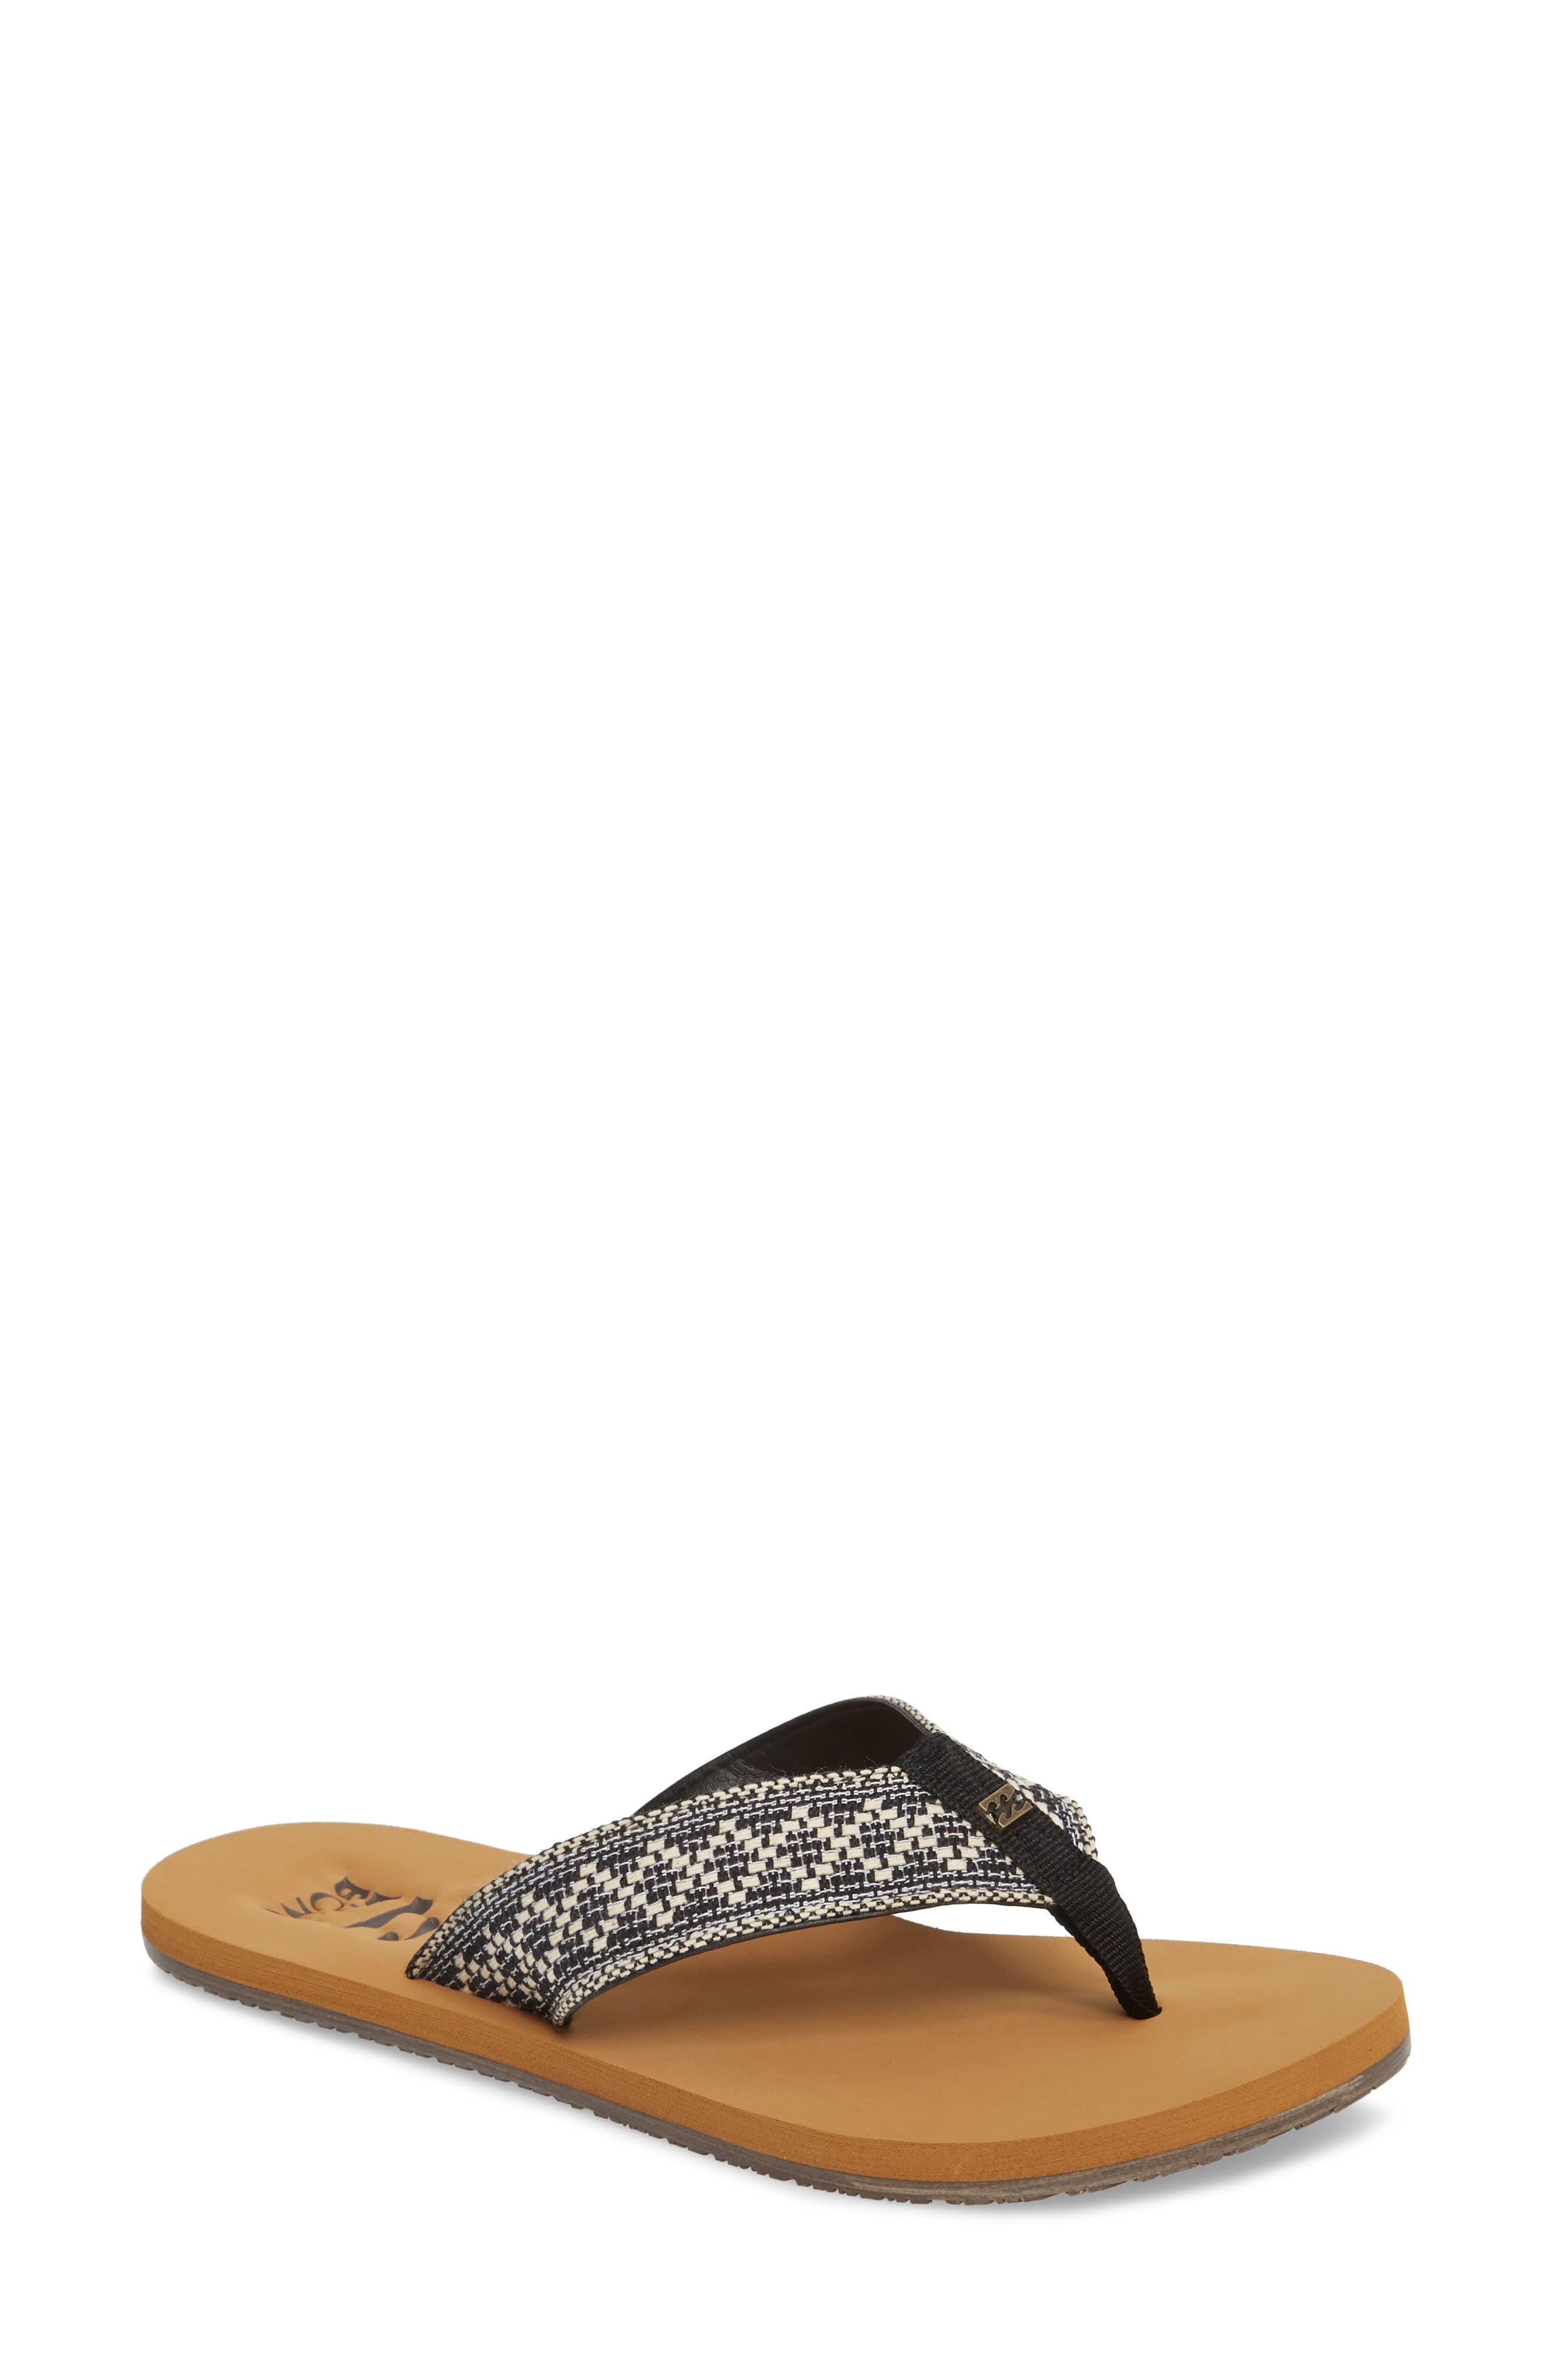 Baja Flip Flop,                         Main,                         color,